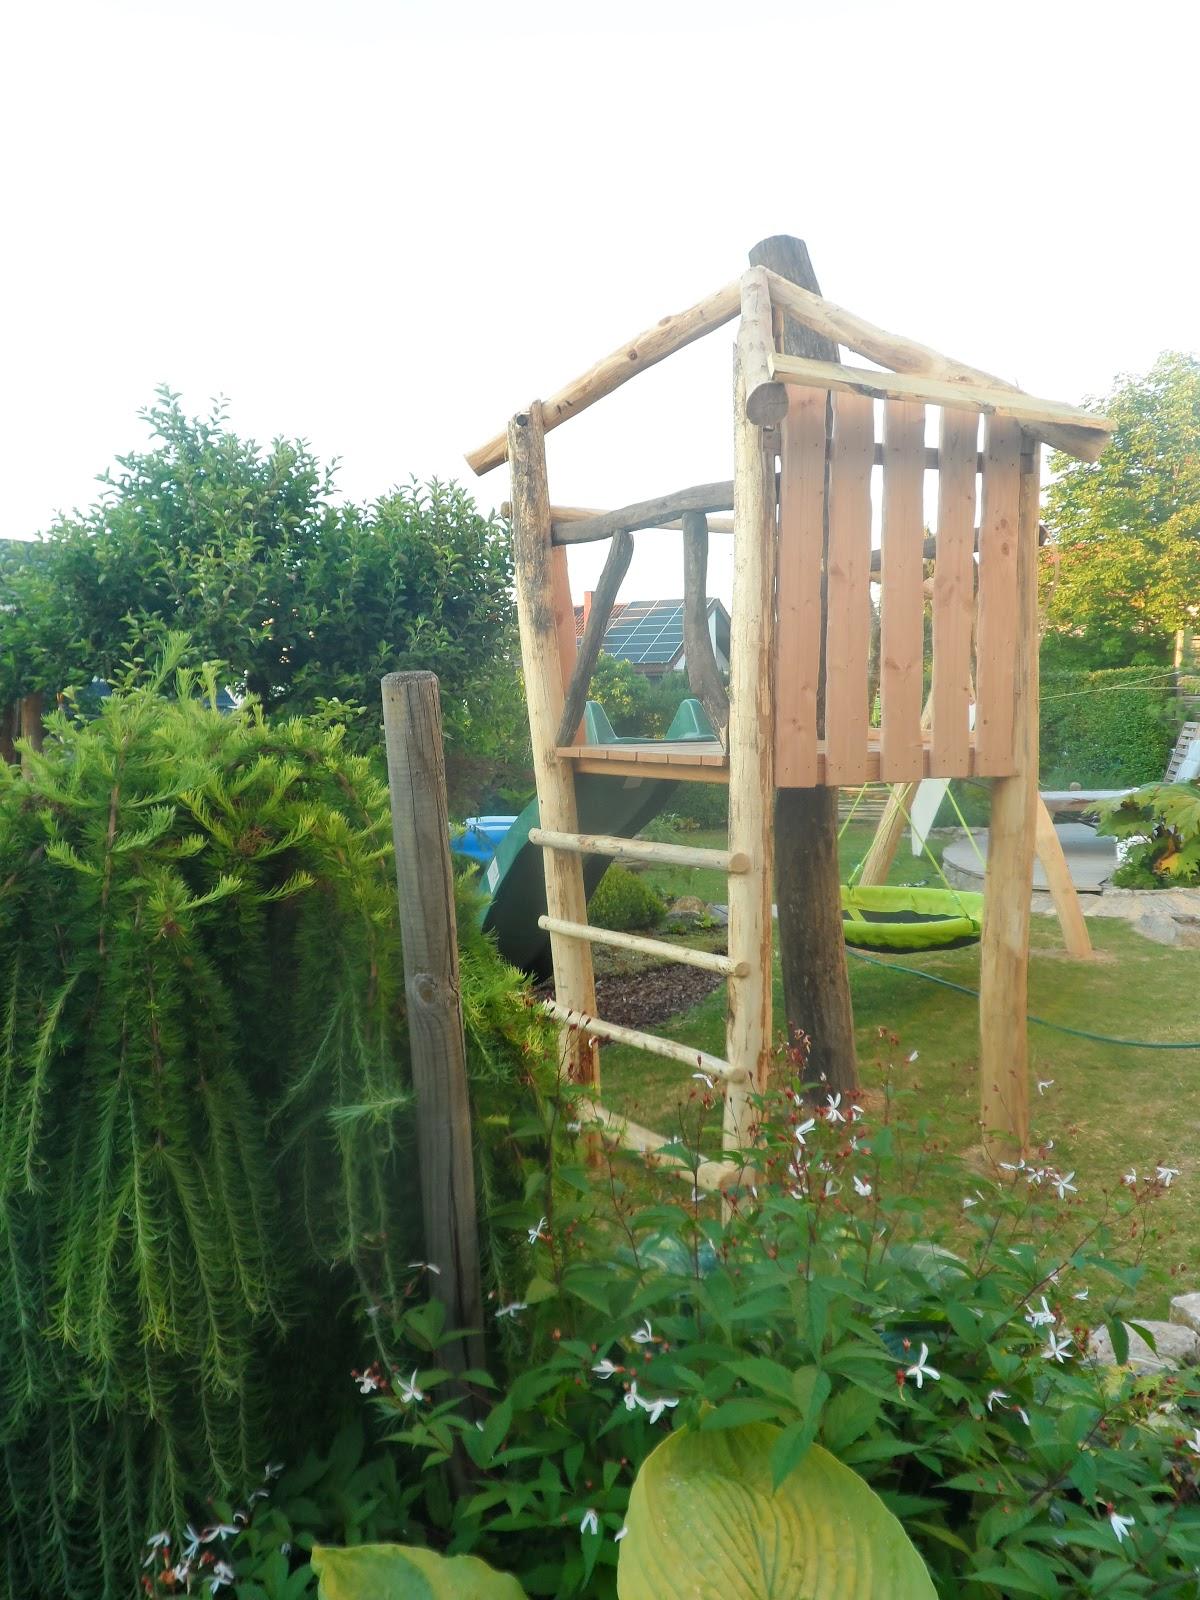 garten westwind ein kleiner familiengarten ein kinderspielturm f r den garten. Black Bedroom Furniture Sets. Home Design Ideas